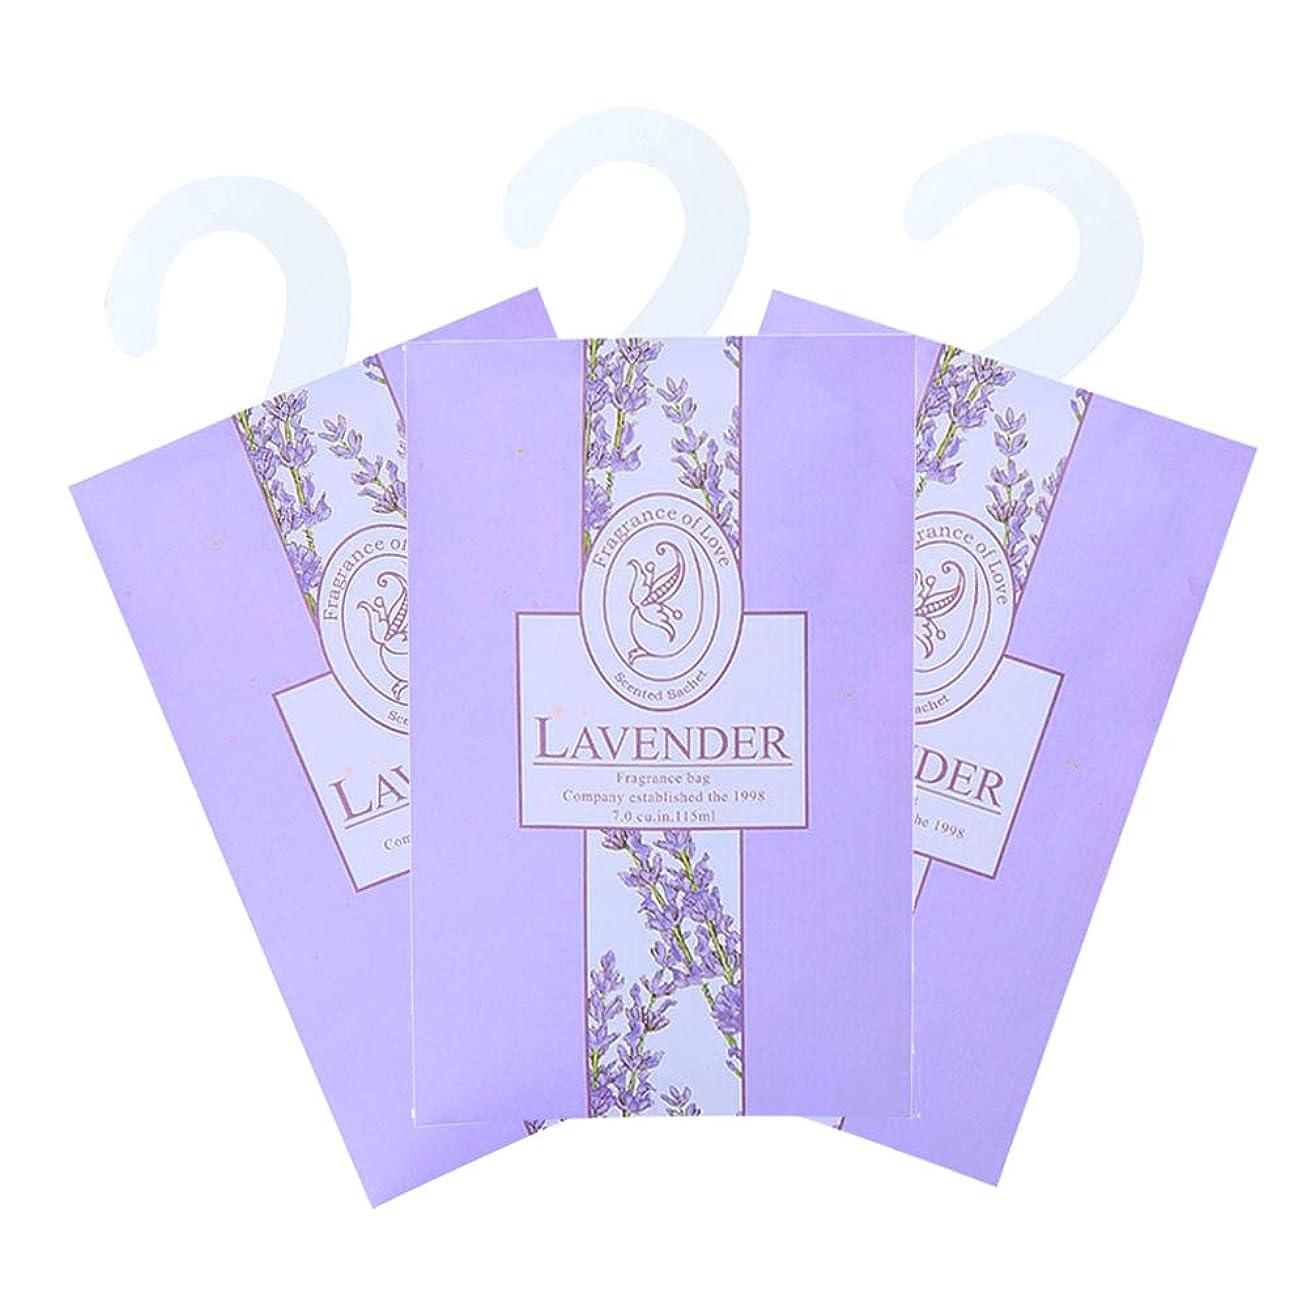 継続中団結腹痛TINKSKY 香り袋 サシェ 3枚セット 花の香り ルームフレグランス 車内用 玄関用 部屋用 芳香剤(ラベンダー)